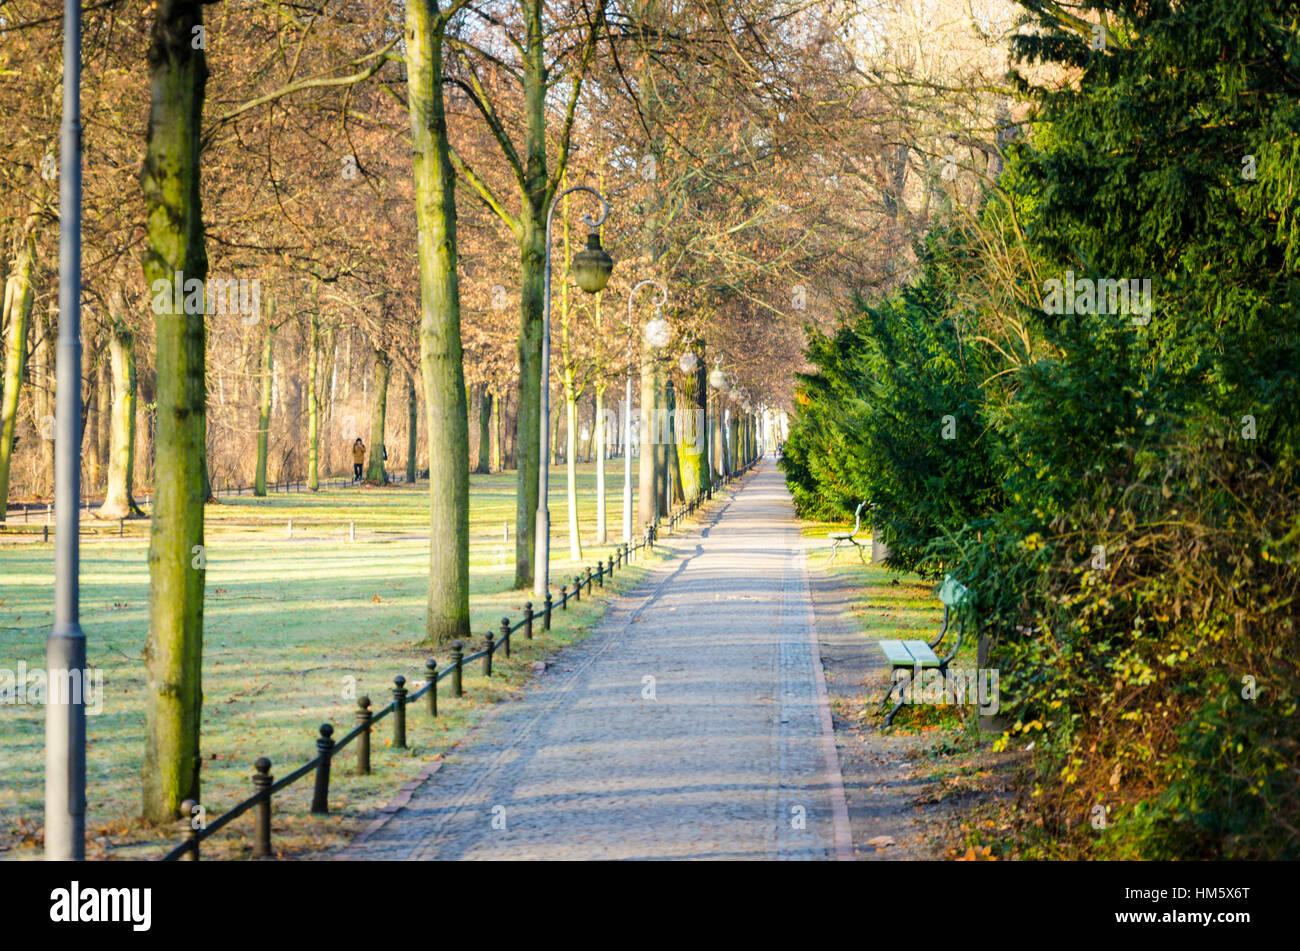 Tiergarten, central city garden in Berlin, Germany - Stock Image